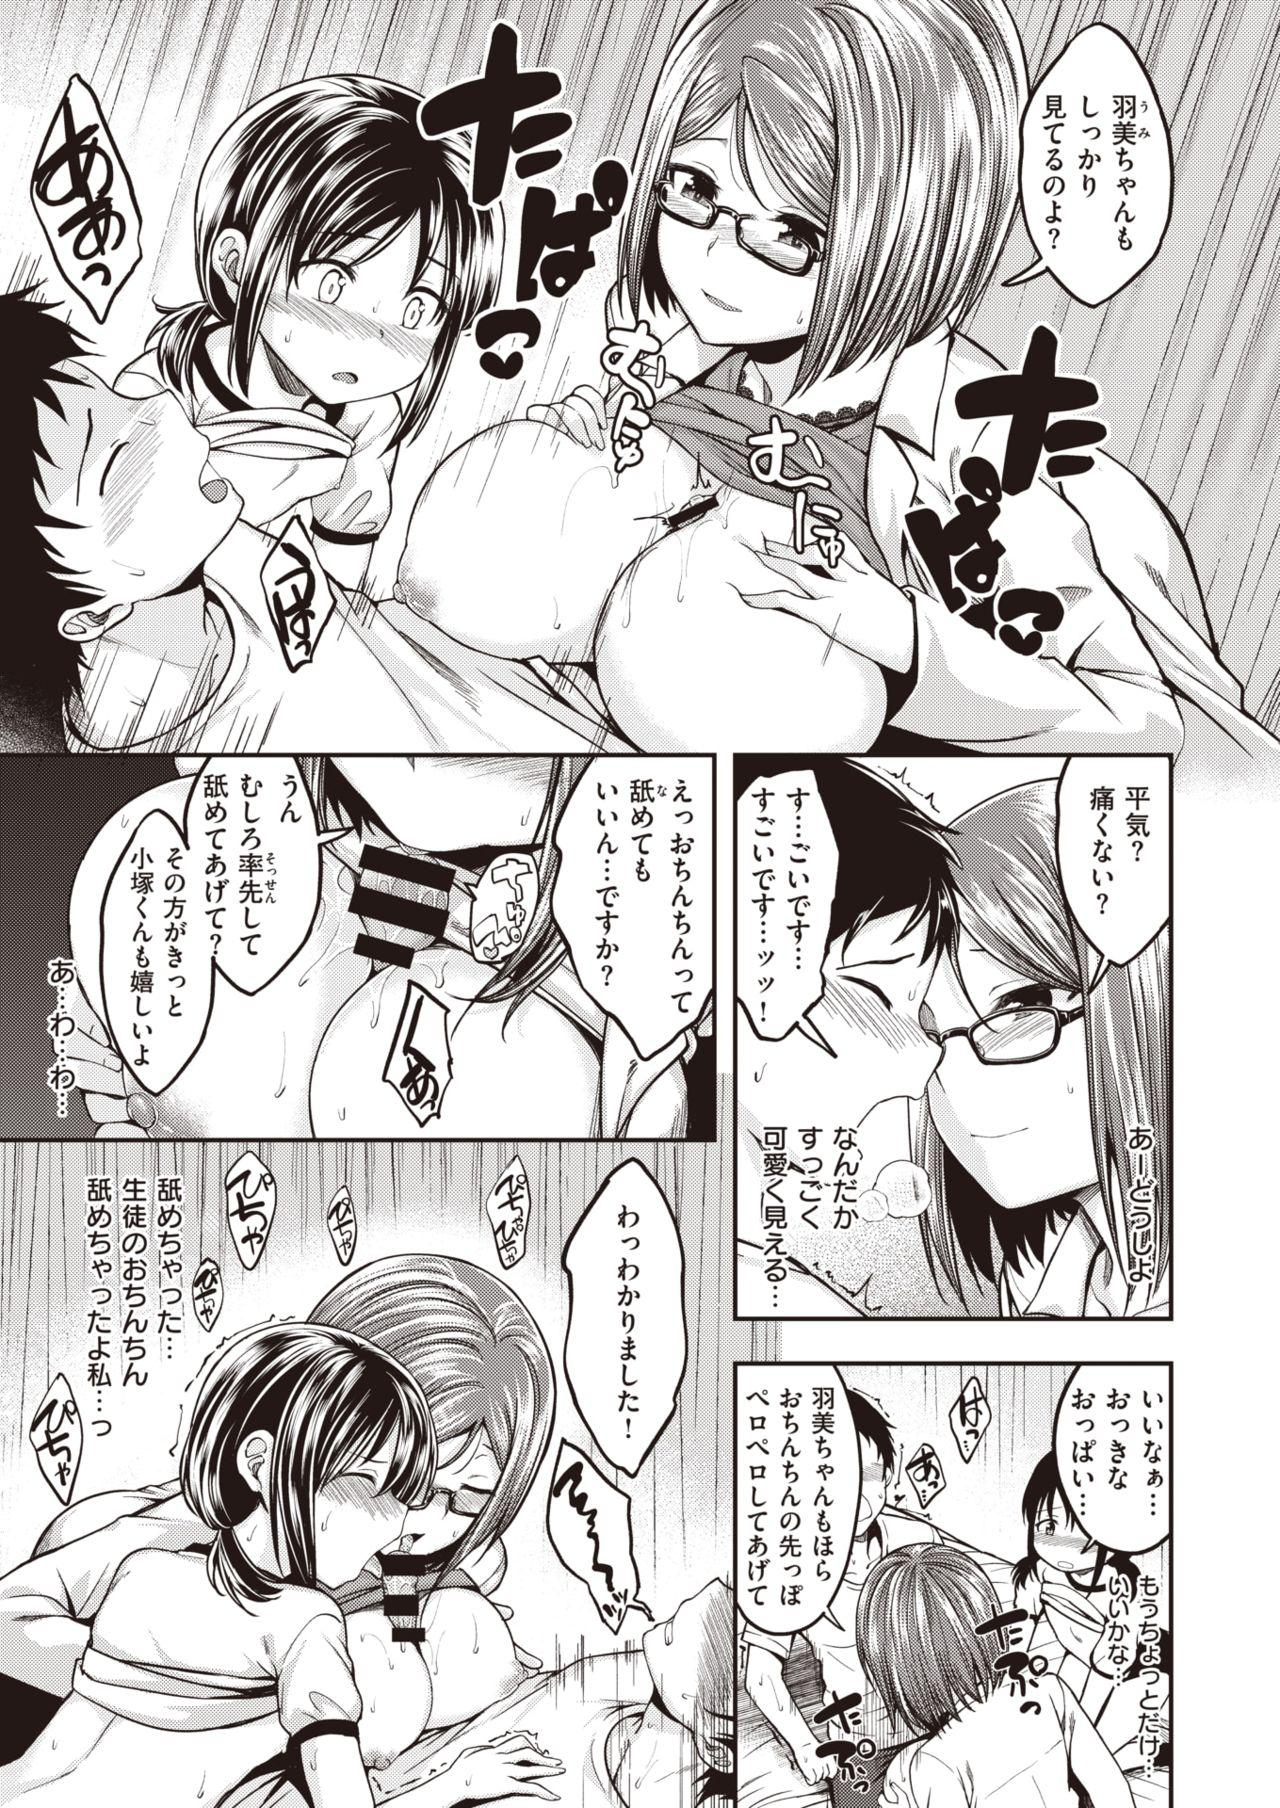 COMIC Kairakuten BEAST 2020-01 15